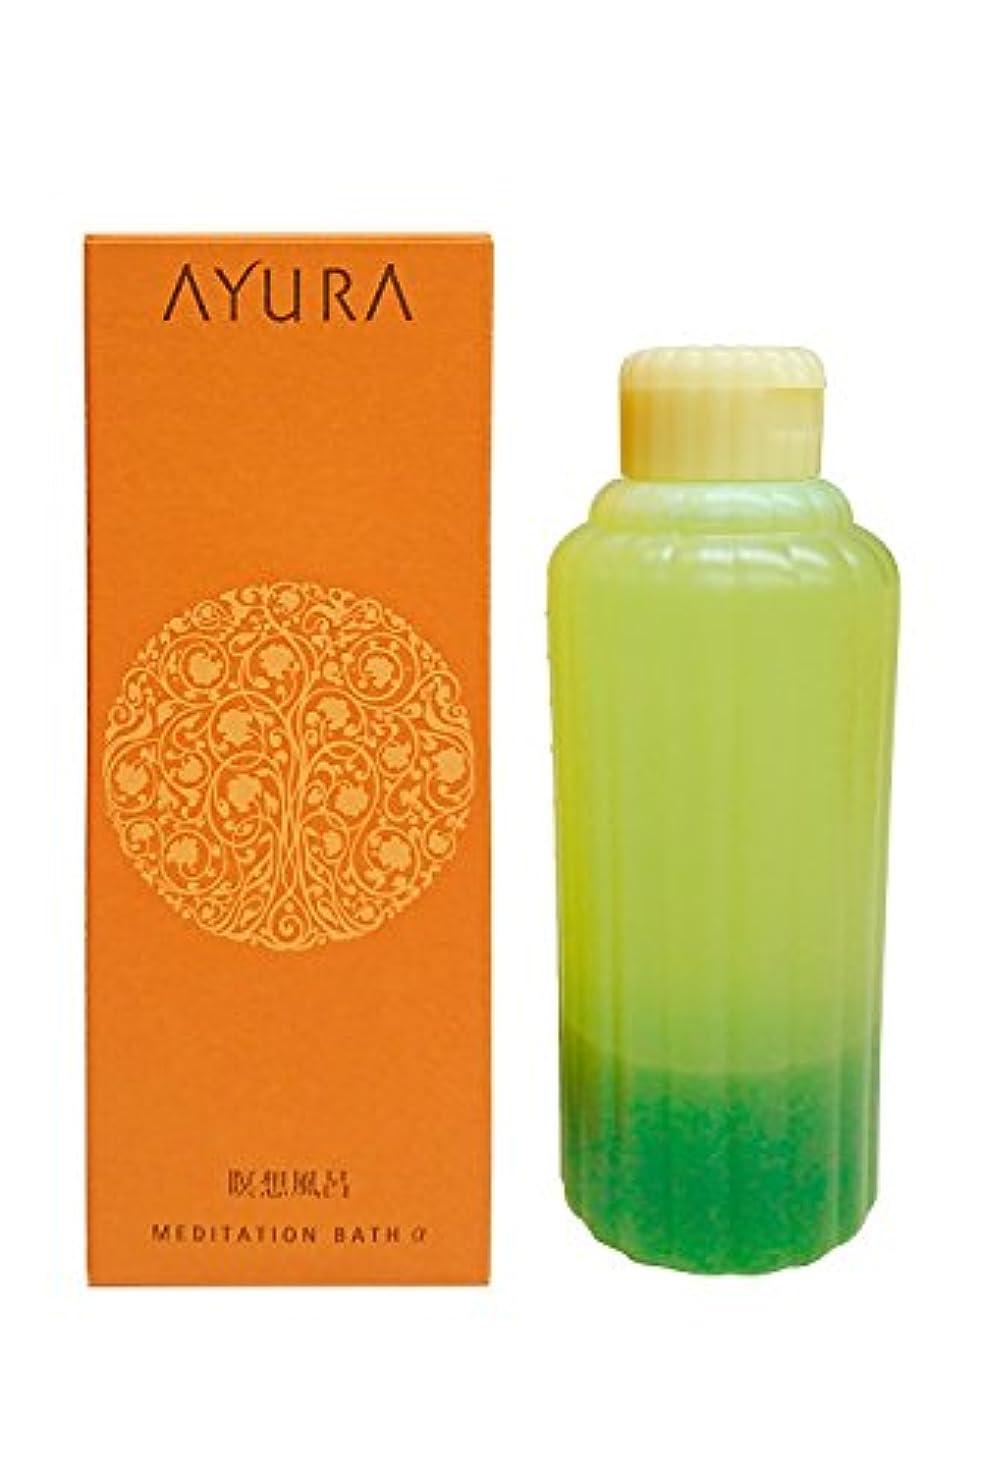 大洪水味わうおしゃれなアユーラ (AYURA) メディテーションバスα 300mL 〈浴用 入浴剤〉 アロマティックハーブの香り